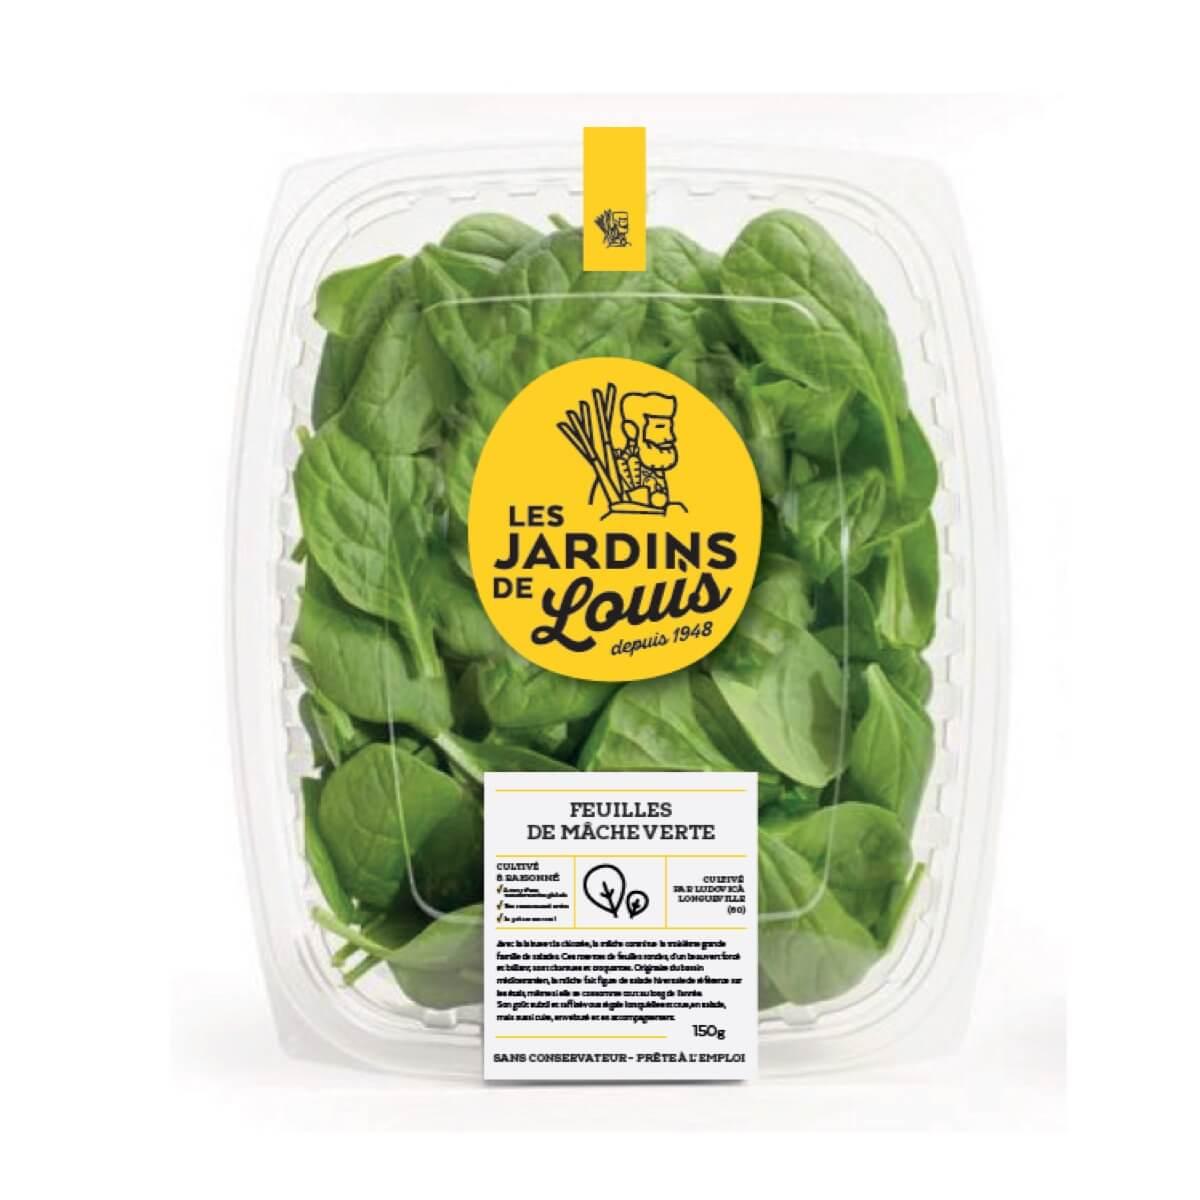 Feuilles de Mâche vertes, Les Jardins de Louis